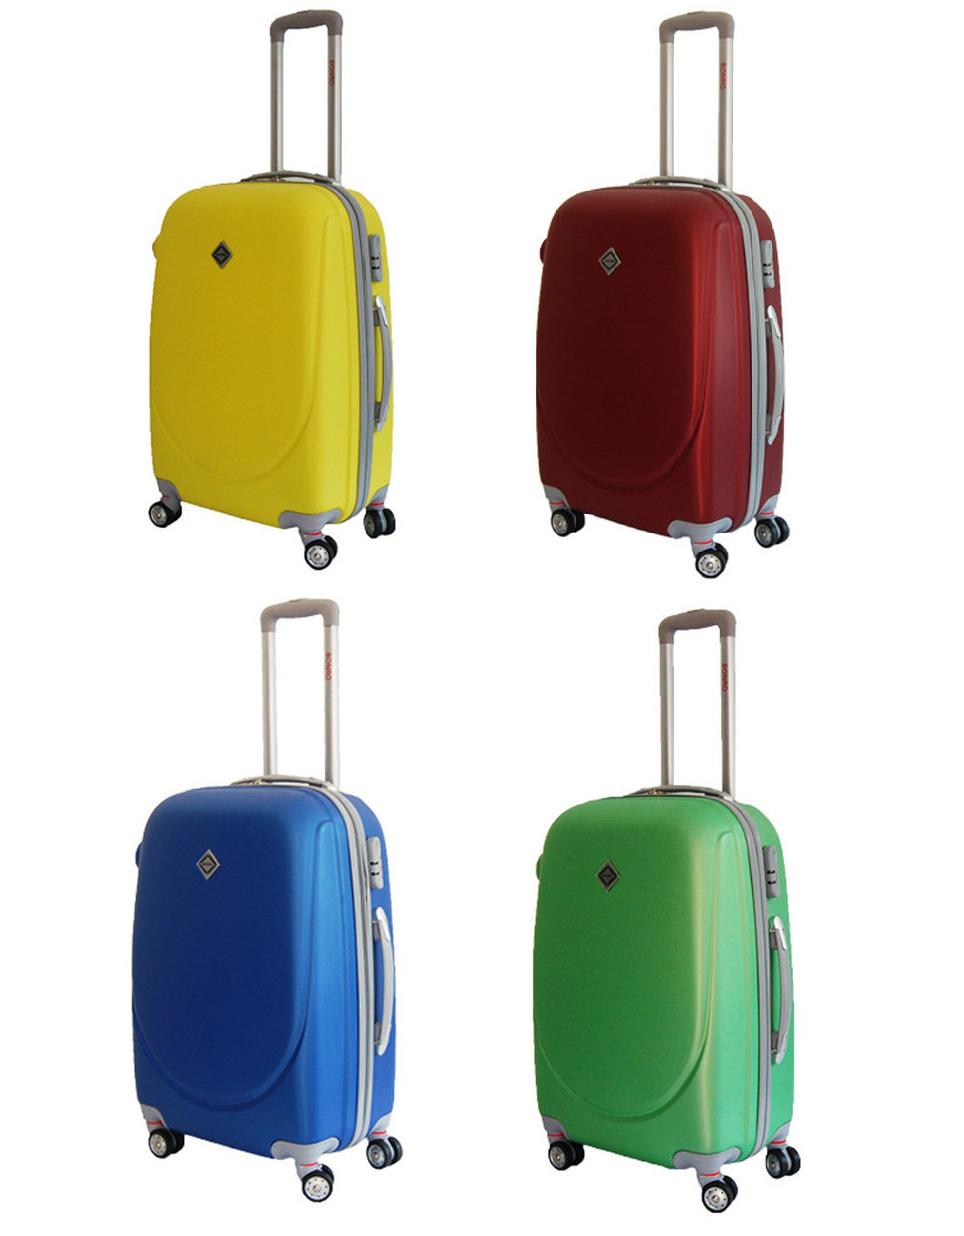 9528c9698b05 Дорожный чемодан Bonro Smile пластиковый с двойными колесами (средний) -  Интернет-магазин